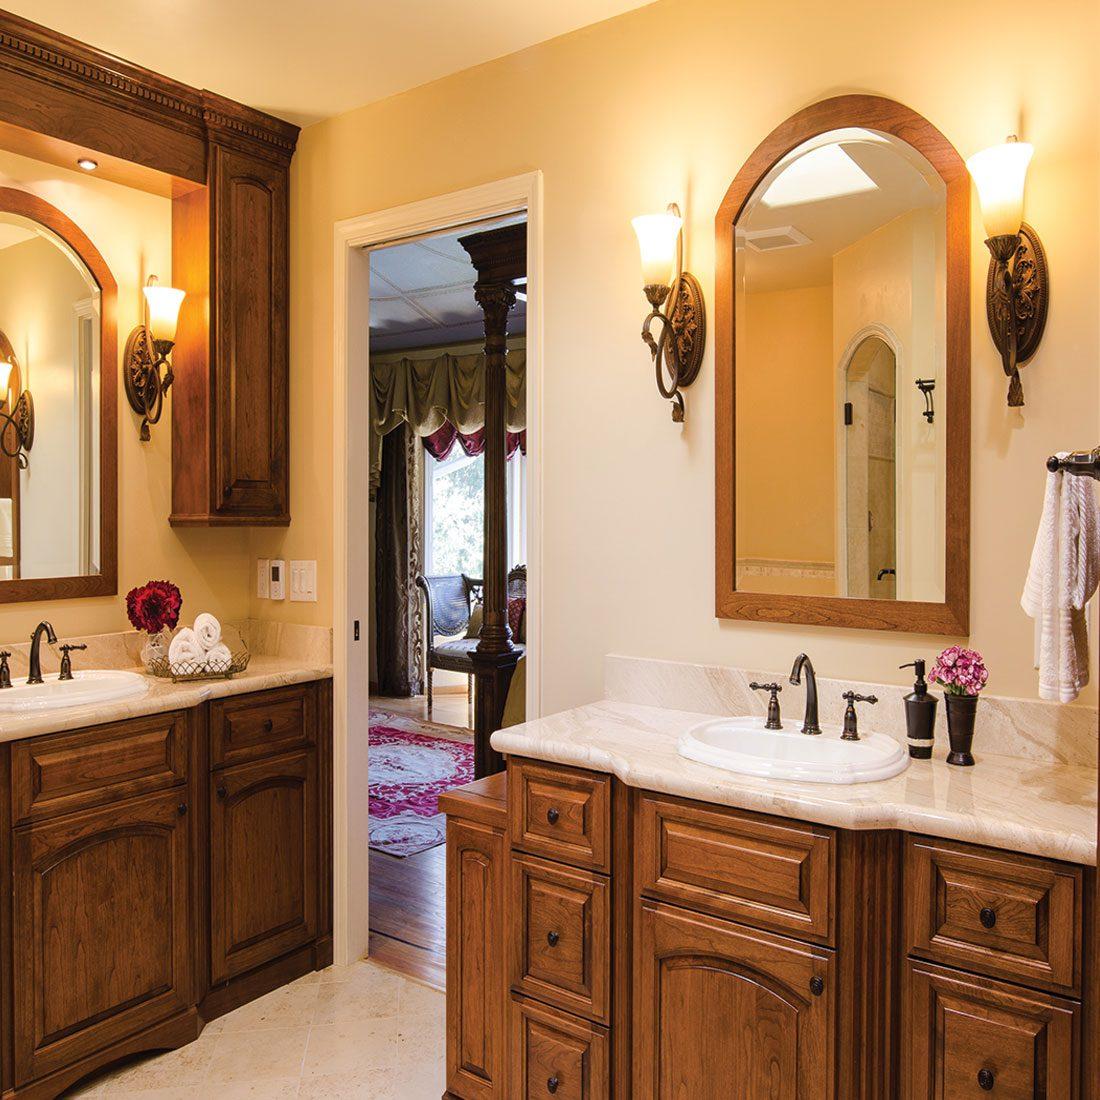 Bathroom Remodeling Orange County Exterior bathroom remodeling checklist | case san jose